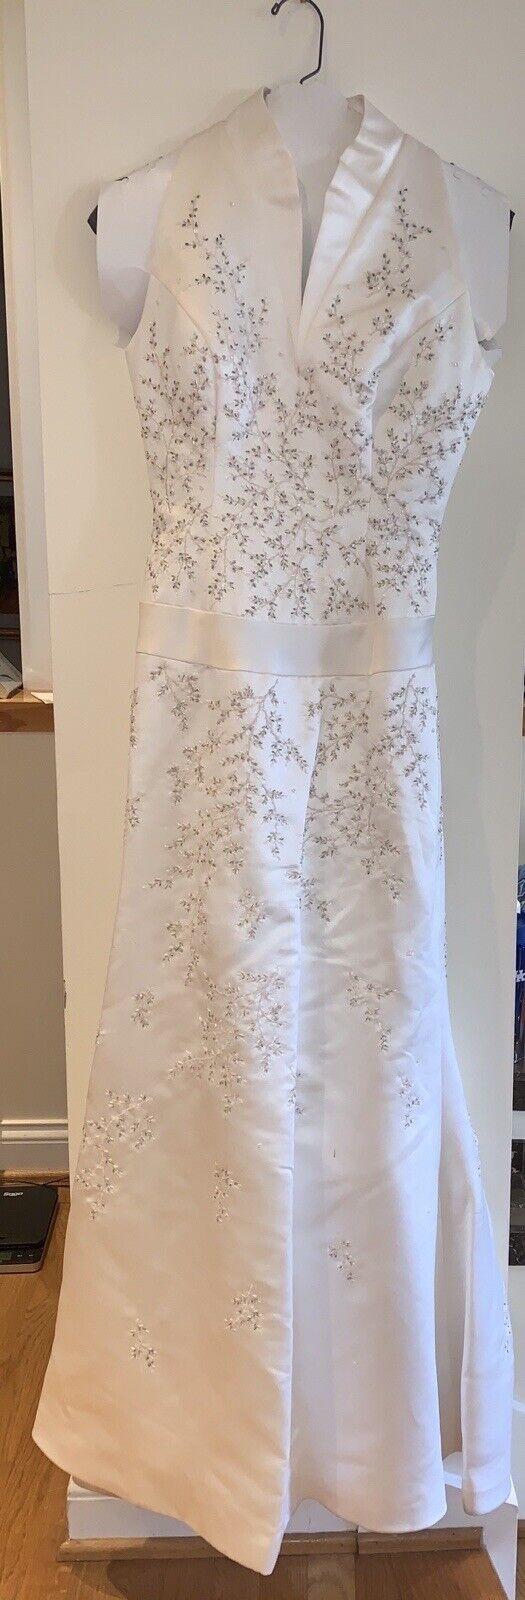 *Mint* Elegant Bridal Gown Wedding Dress SZ 6 Beaded [Bust 33 Waist 26 Hip 35]